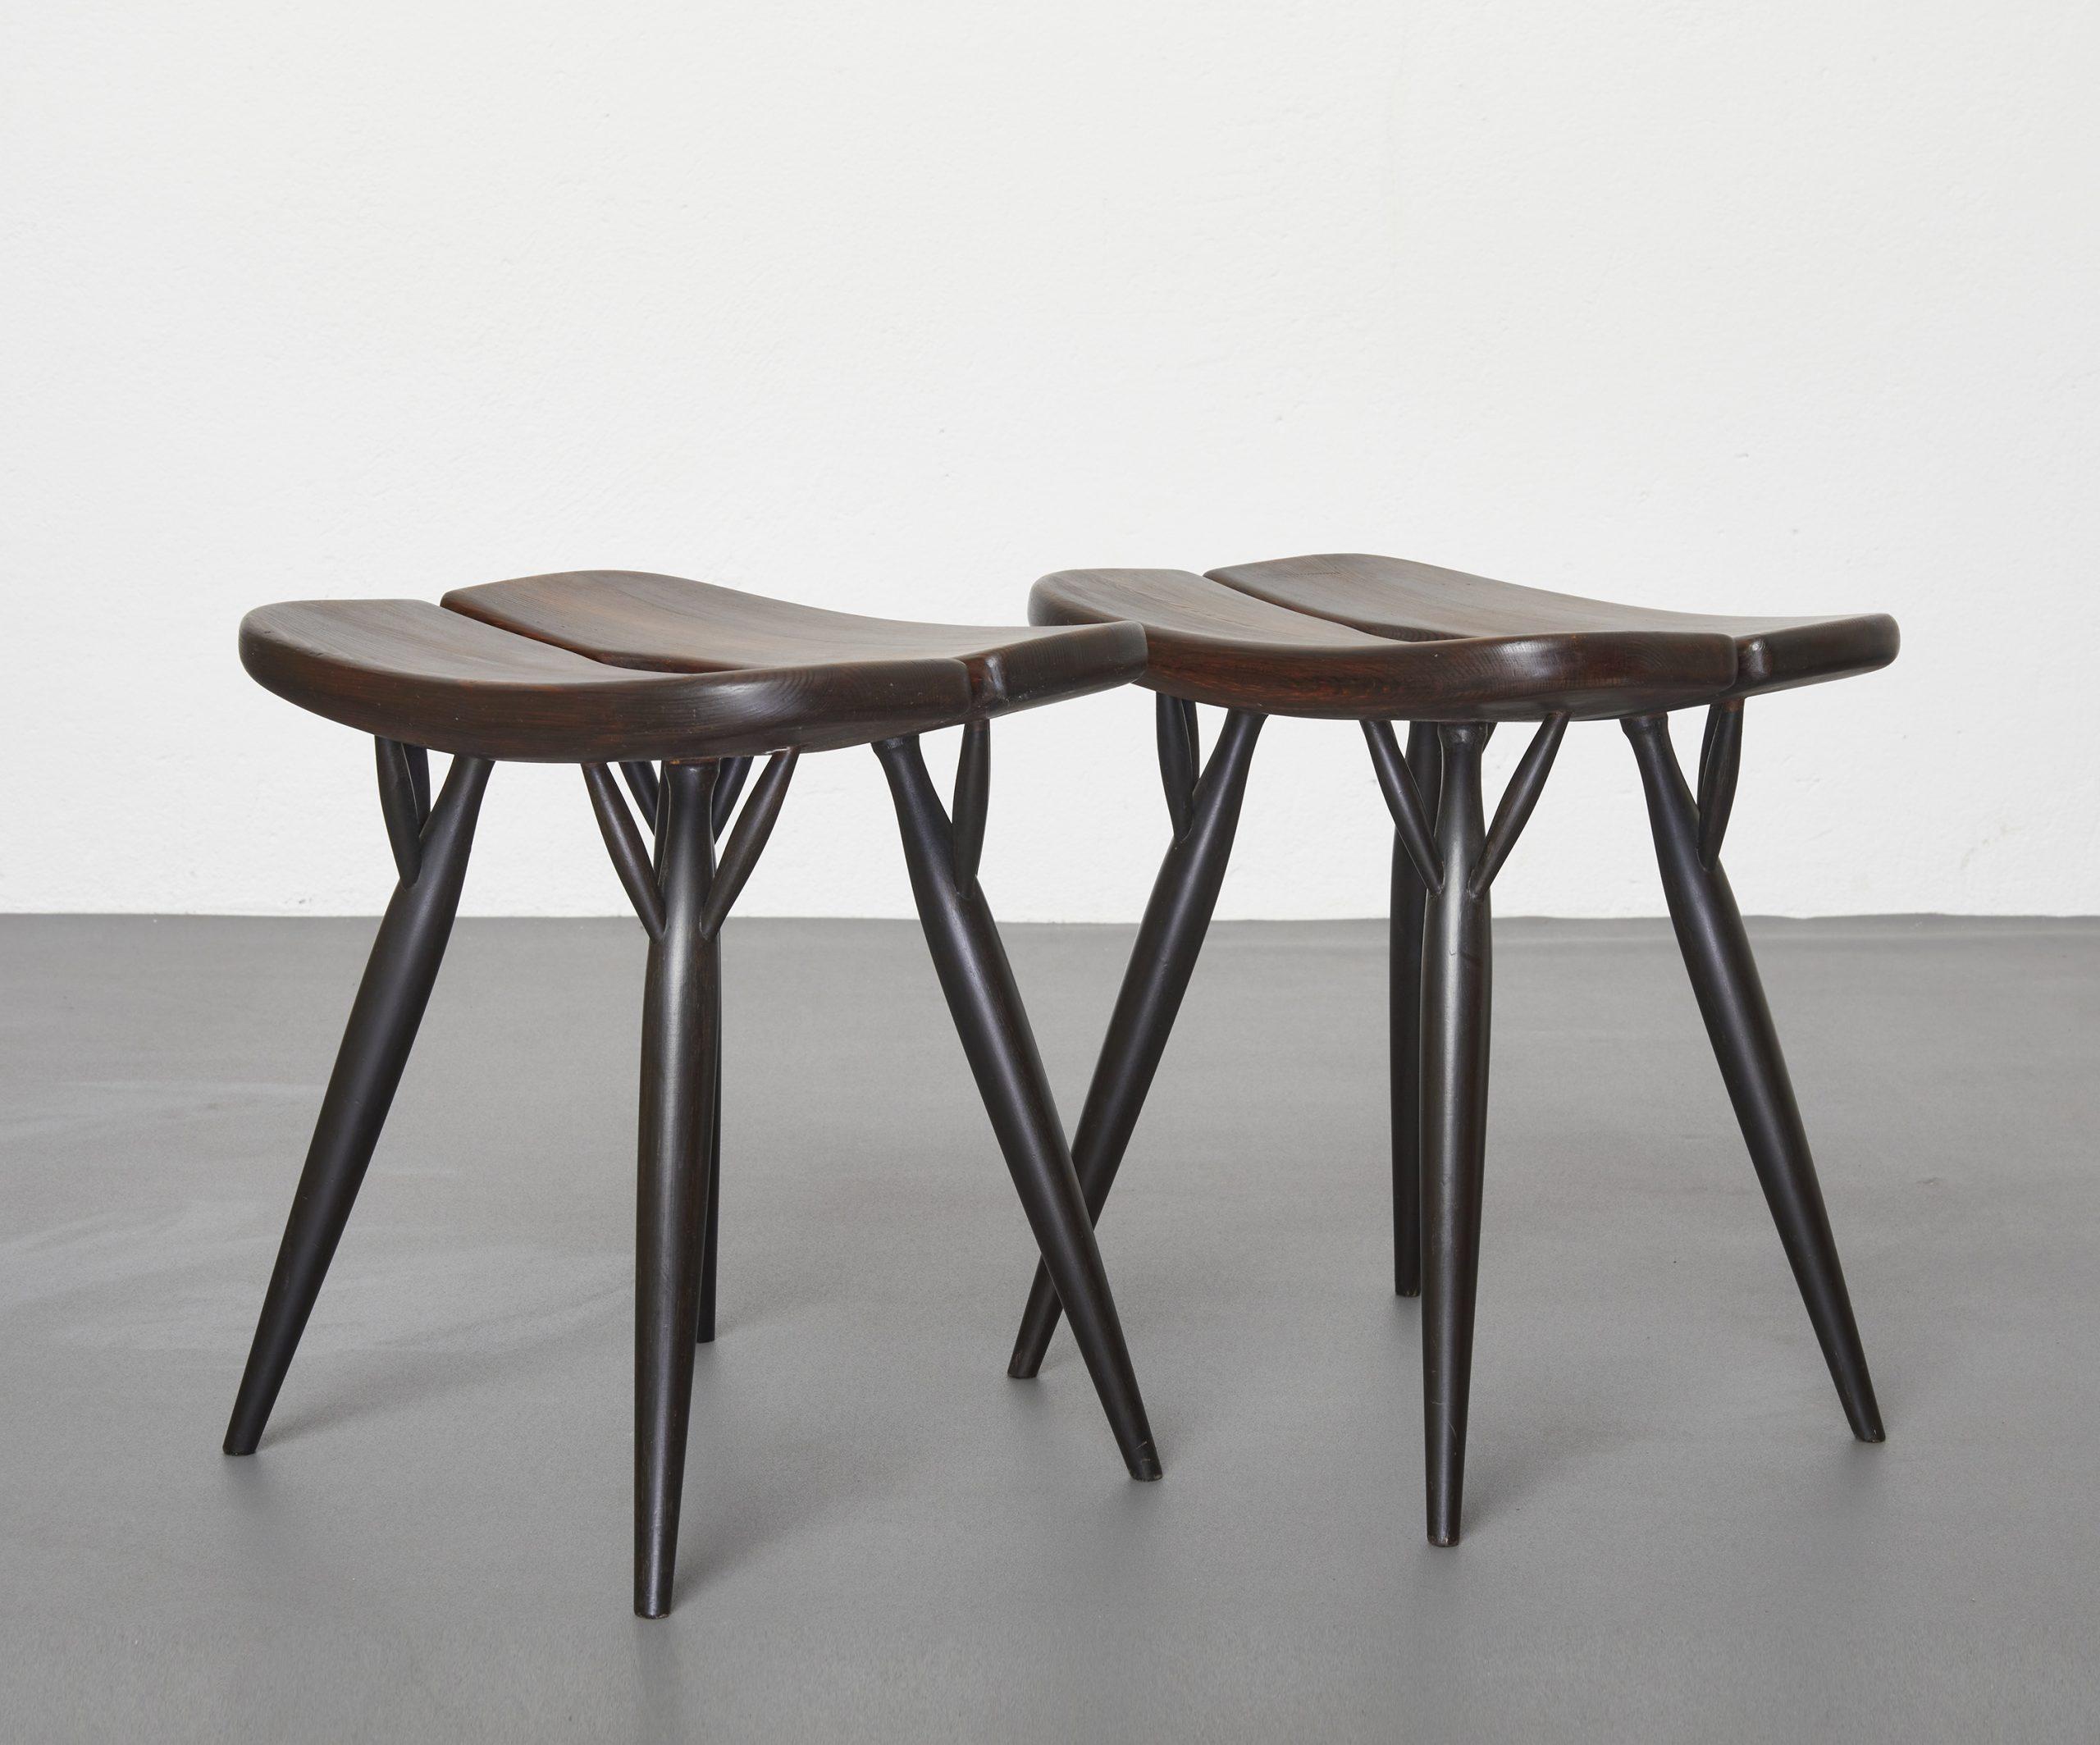 pair-of-pirkka-stools-by-ilmari-tapiovaara-1955-image-01